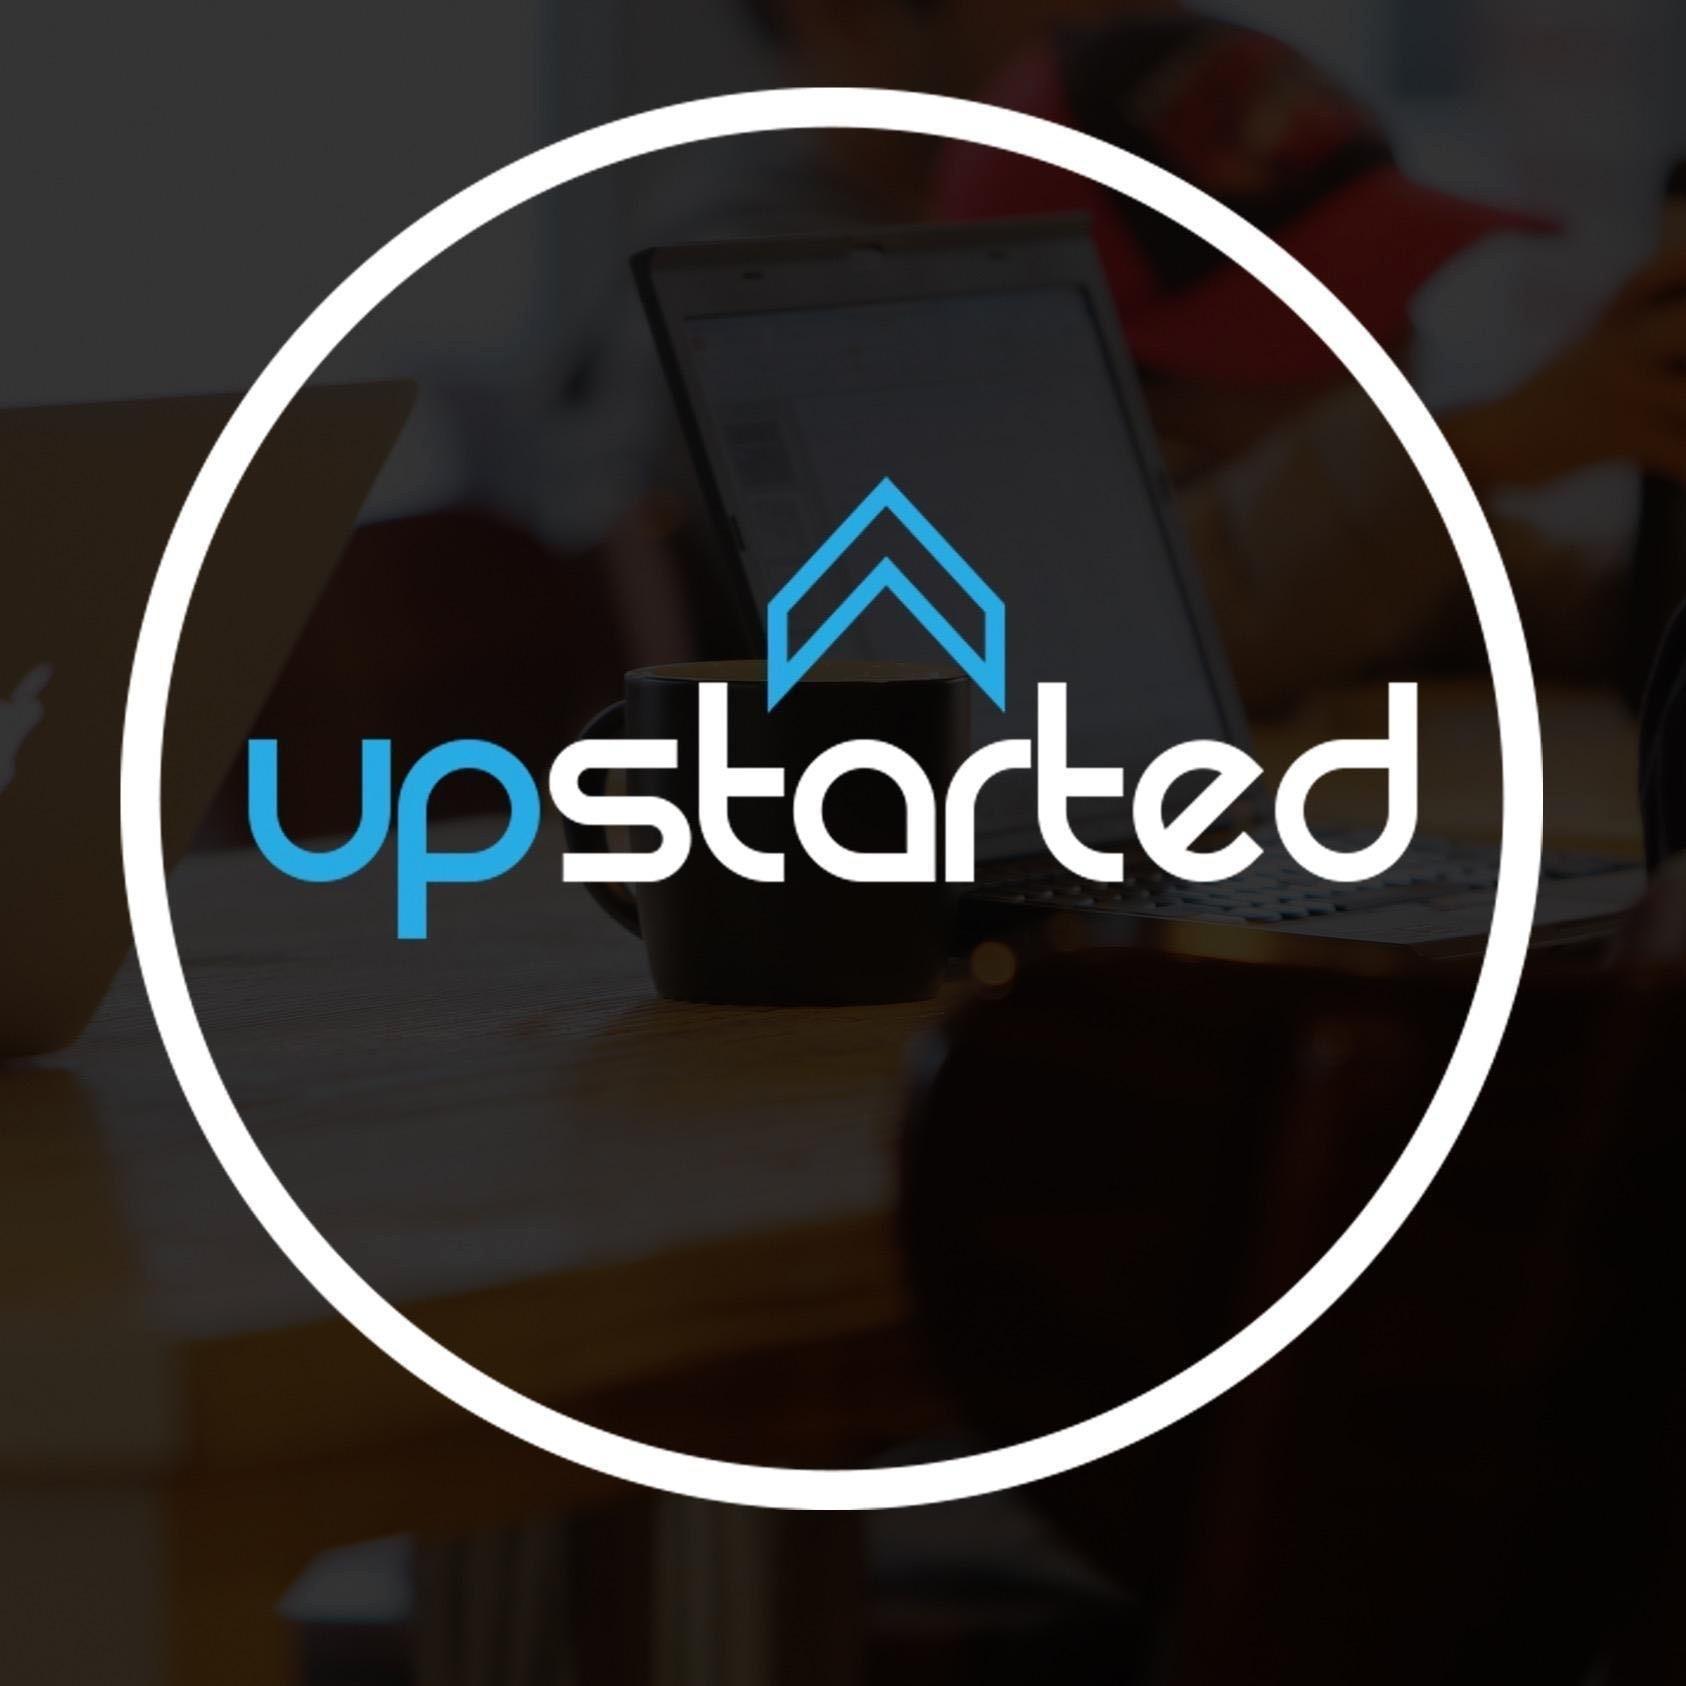 UpStarted.co